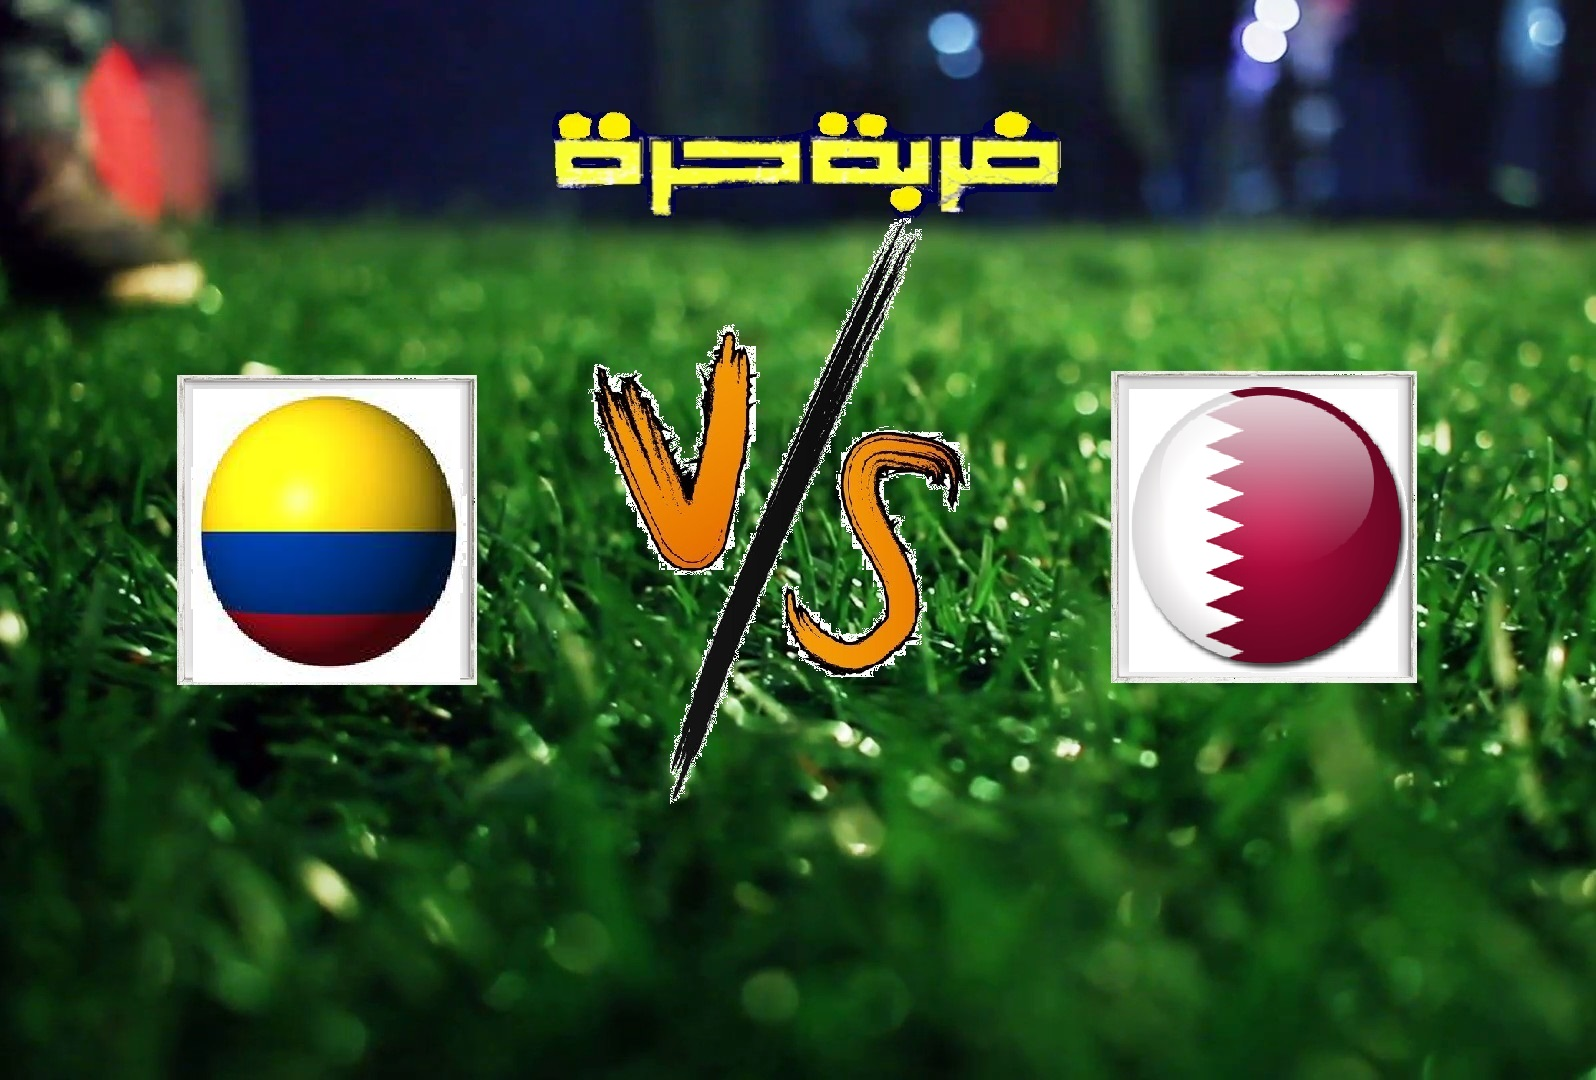 كولومبيا تفوز على قطر بهدف دون رد في الجولة الثانية من كوبا أمريكا 2019